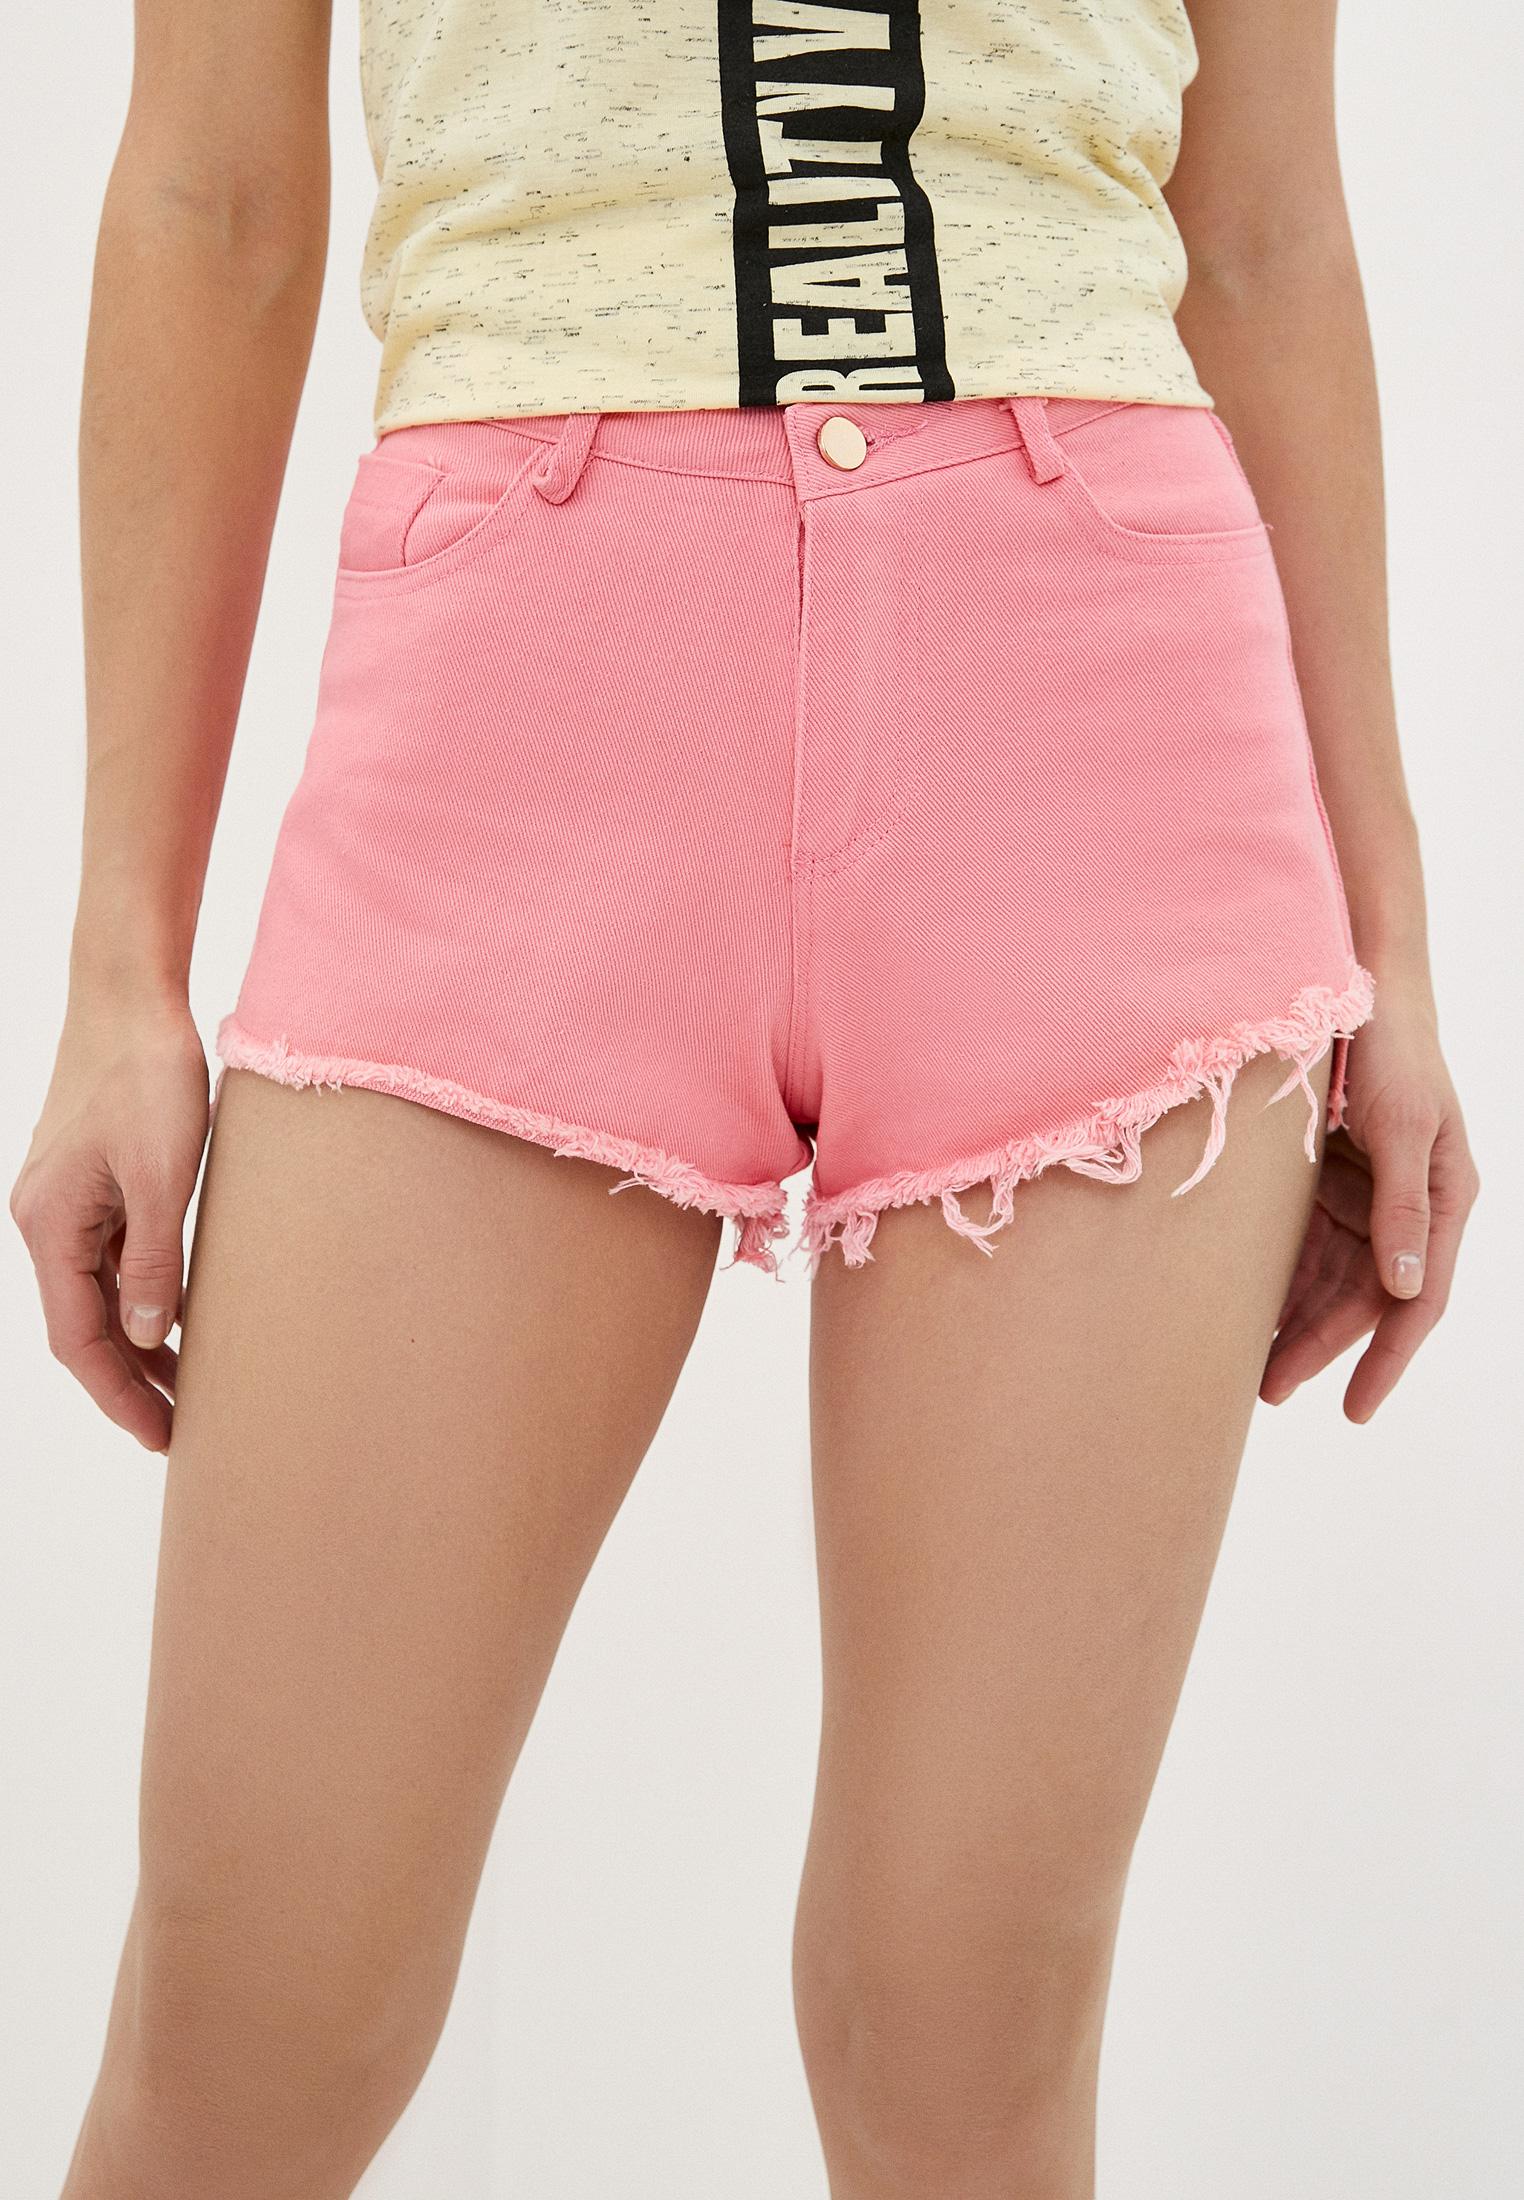 Женские джинсовые шорты Nerouge N325-65